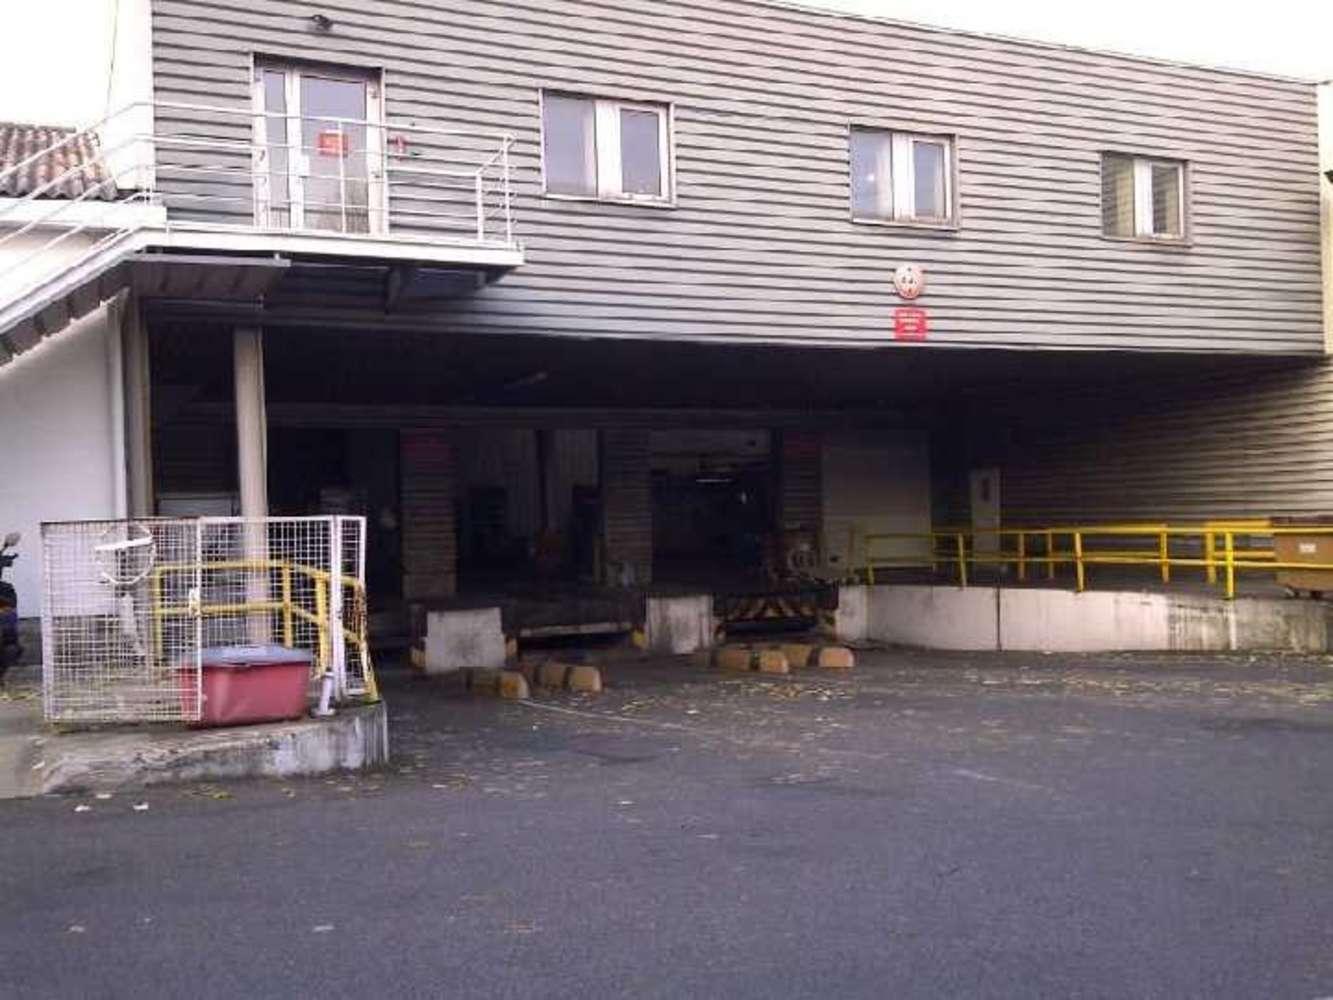 Activités/entrepôt Villeneuve la garenne, 92390 - 23 AVENUE DU CHEMIN DES RENIERS - 9473966